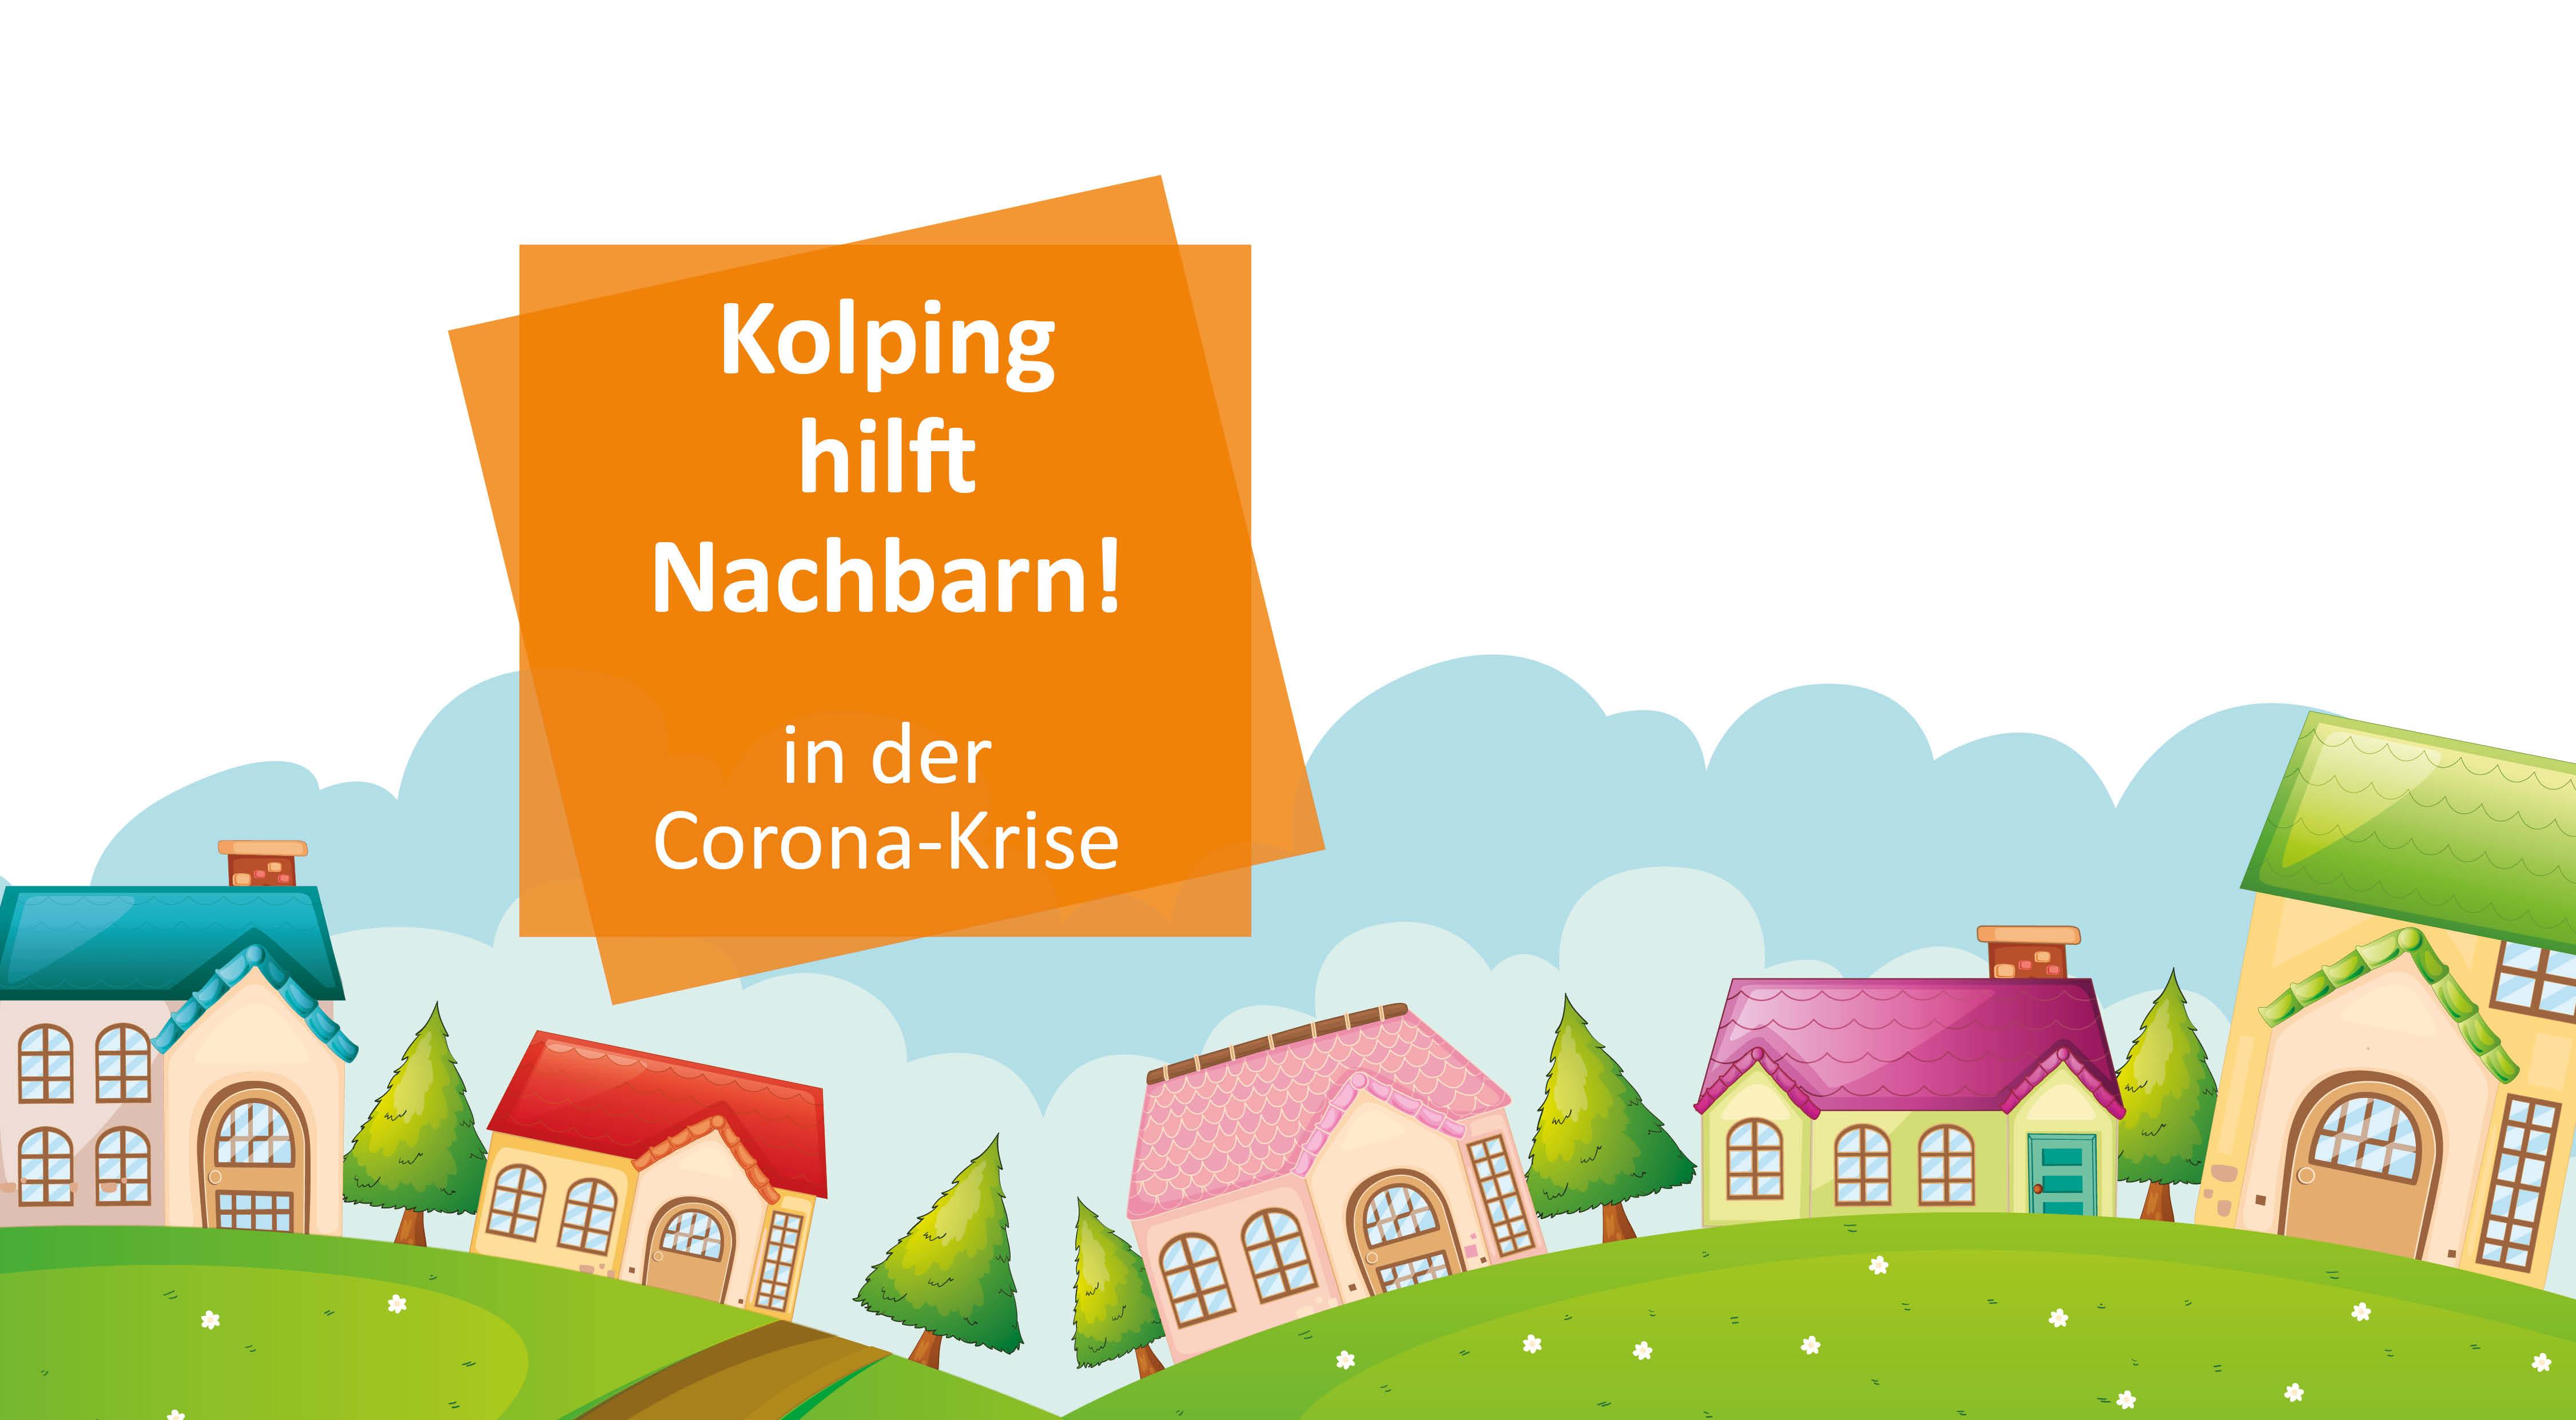 Nachbarschaftshilfe in der Corona-Krise